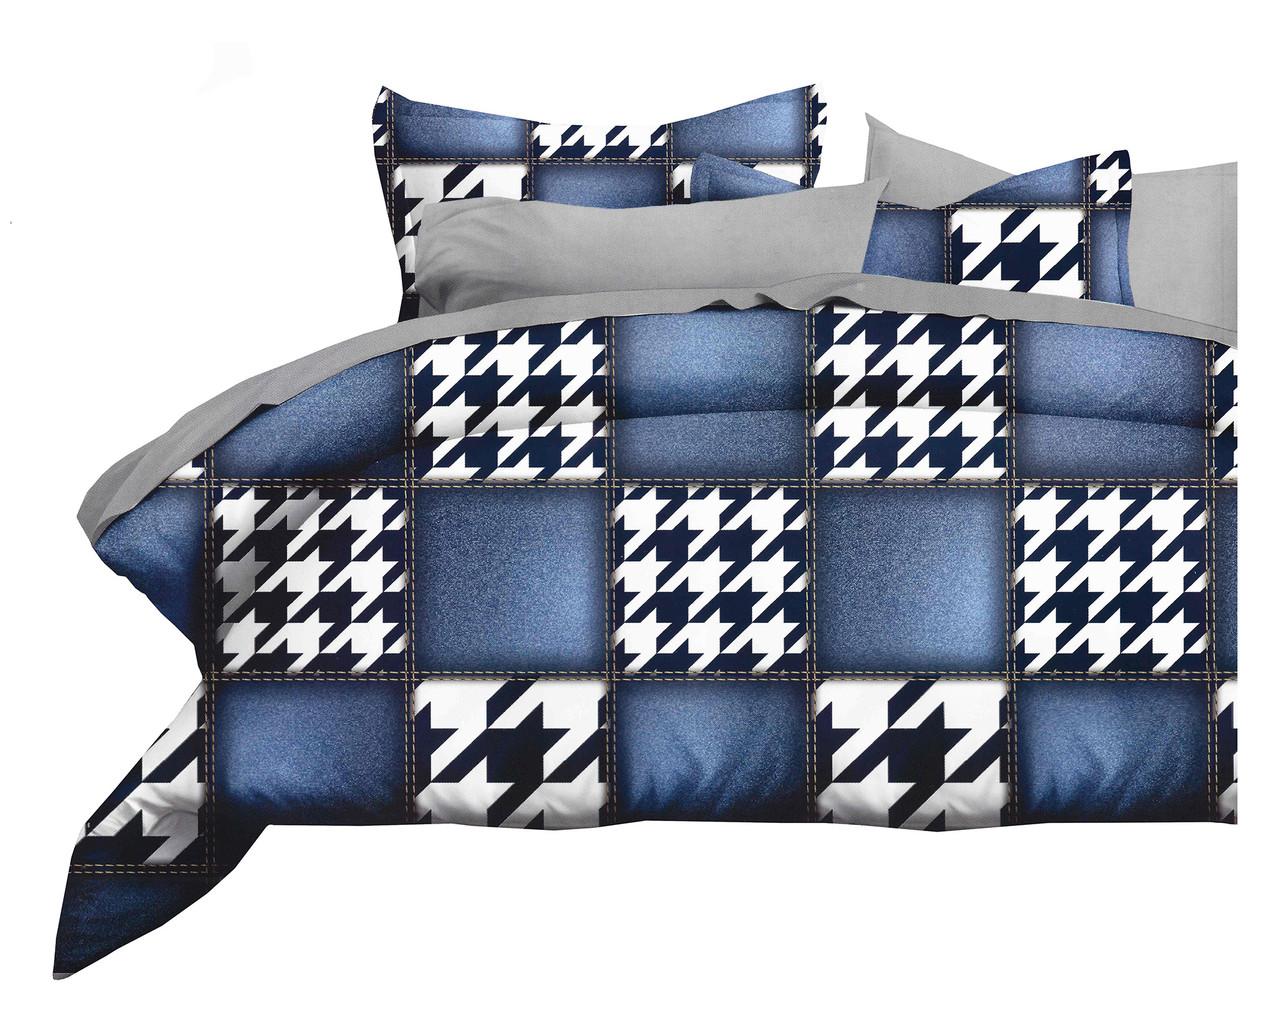 Комплект постельного белья Микроволокно HXDD-754 M&M 9729 Белый, Черный, Синий